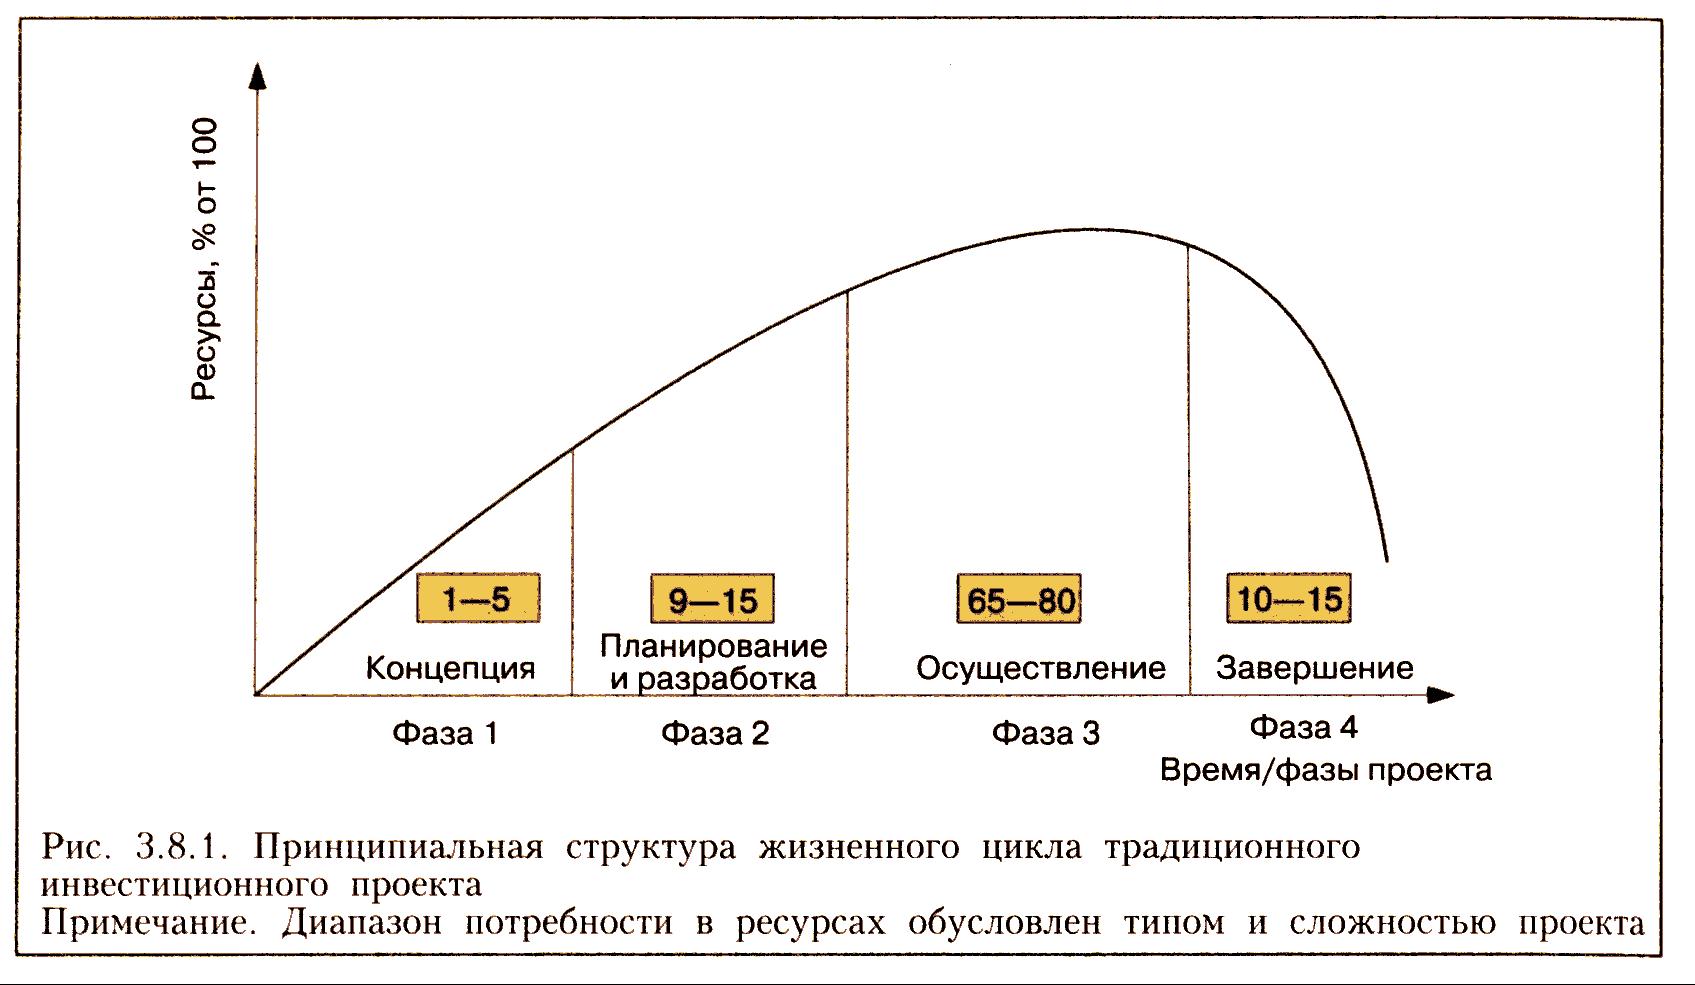 Доклад жизненный цикл проекта 922